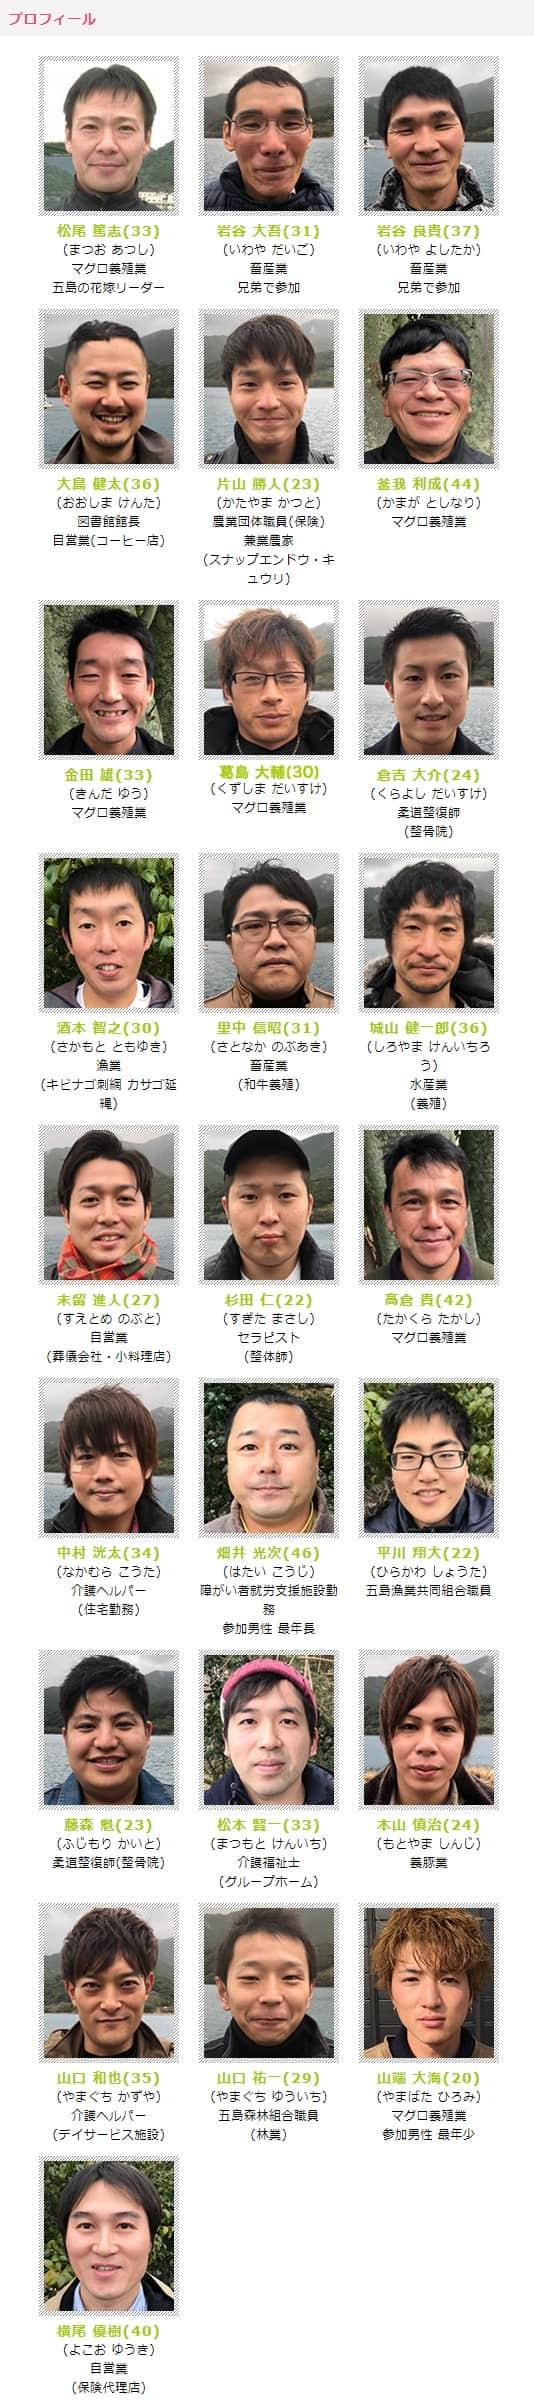 ナイナイのお見合い大作戦 五島 男メンバー 画像